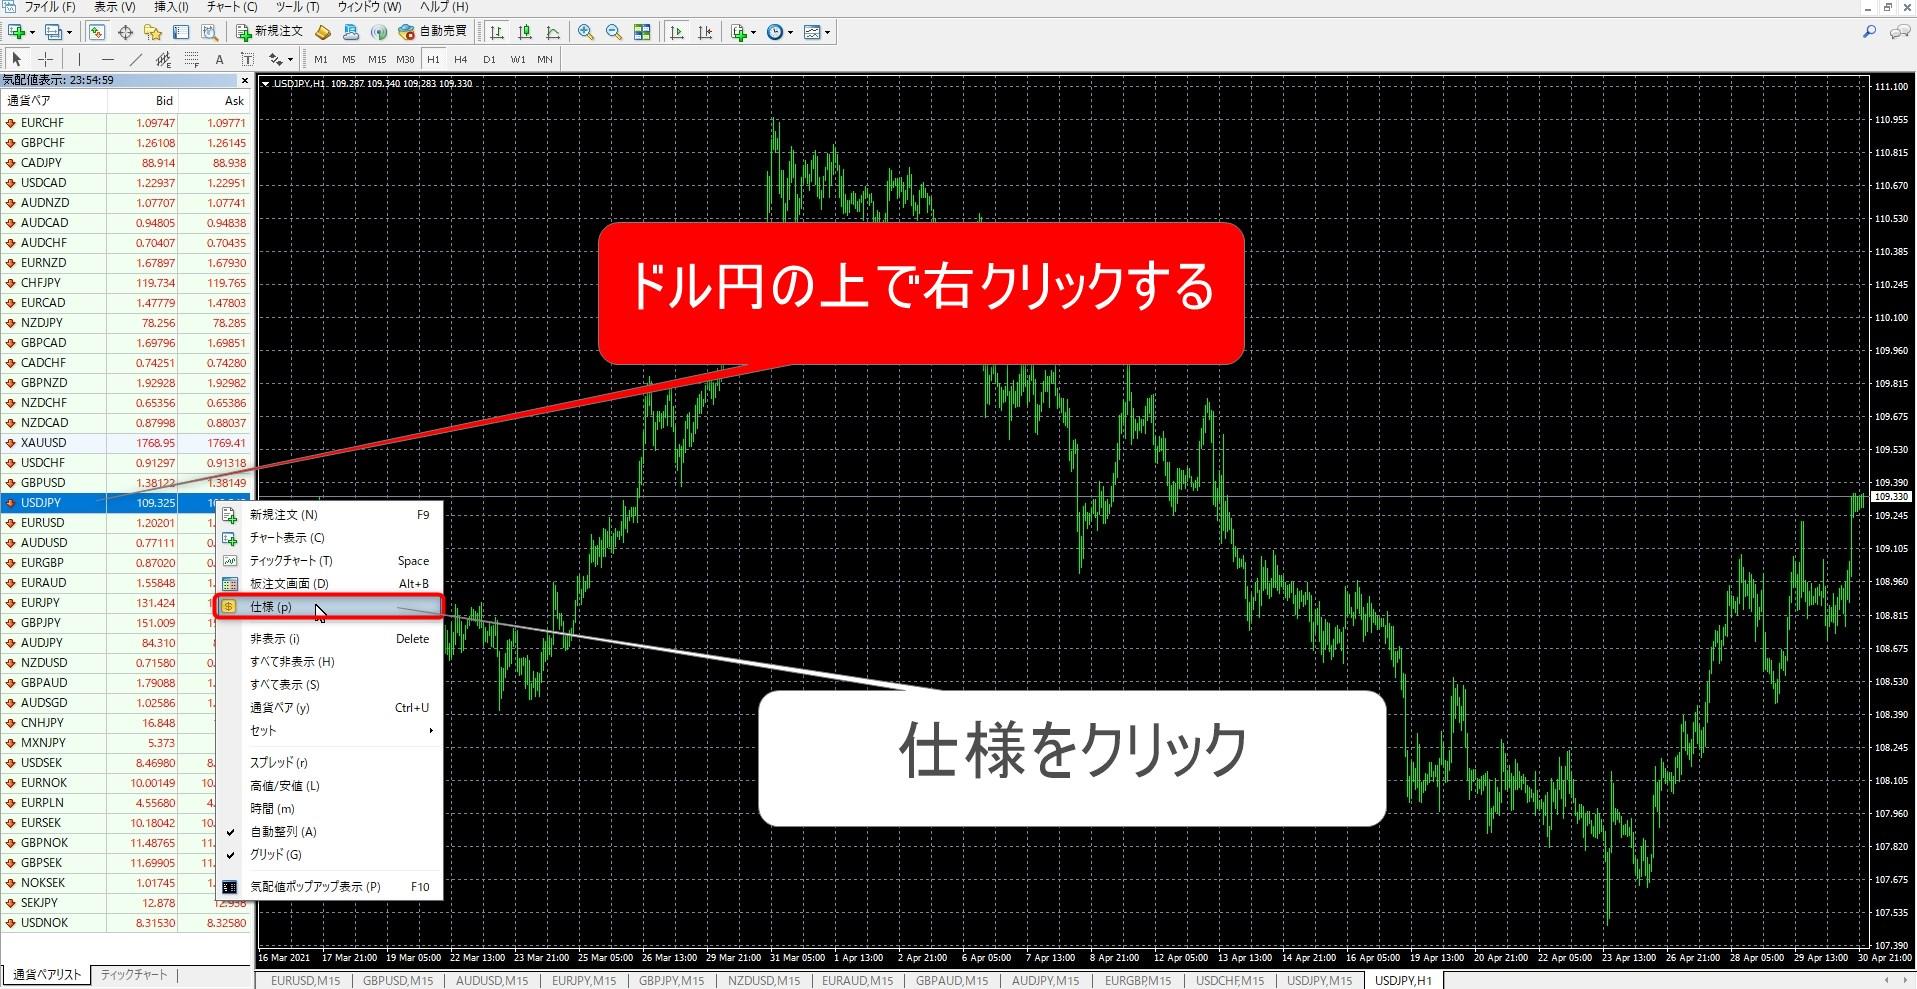 通貨ペアの仕様を確認